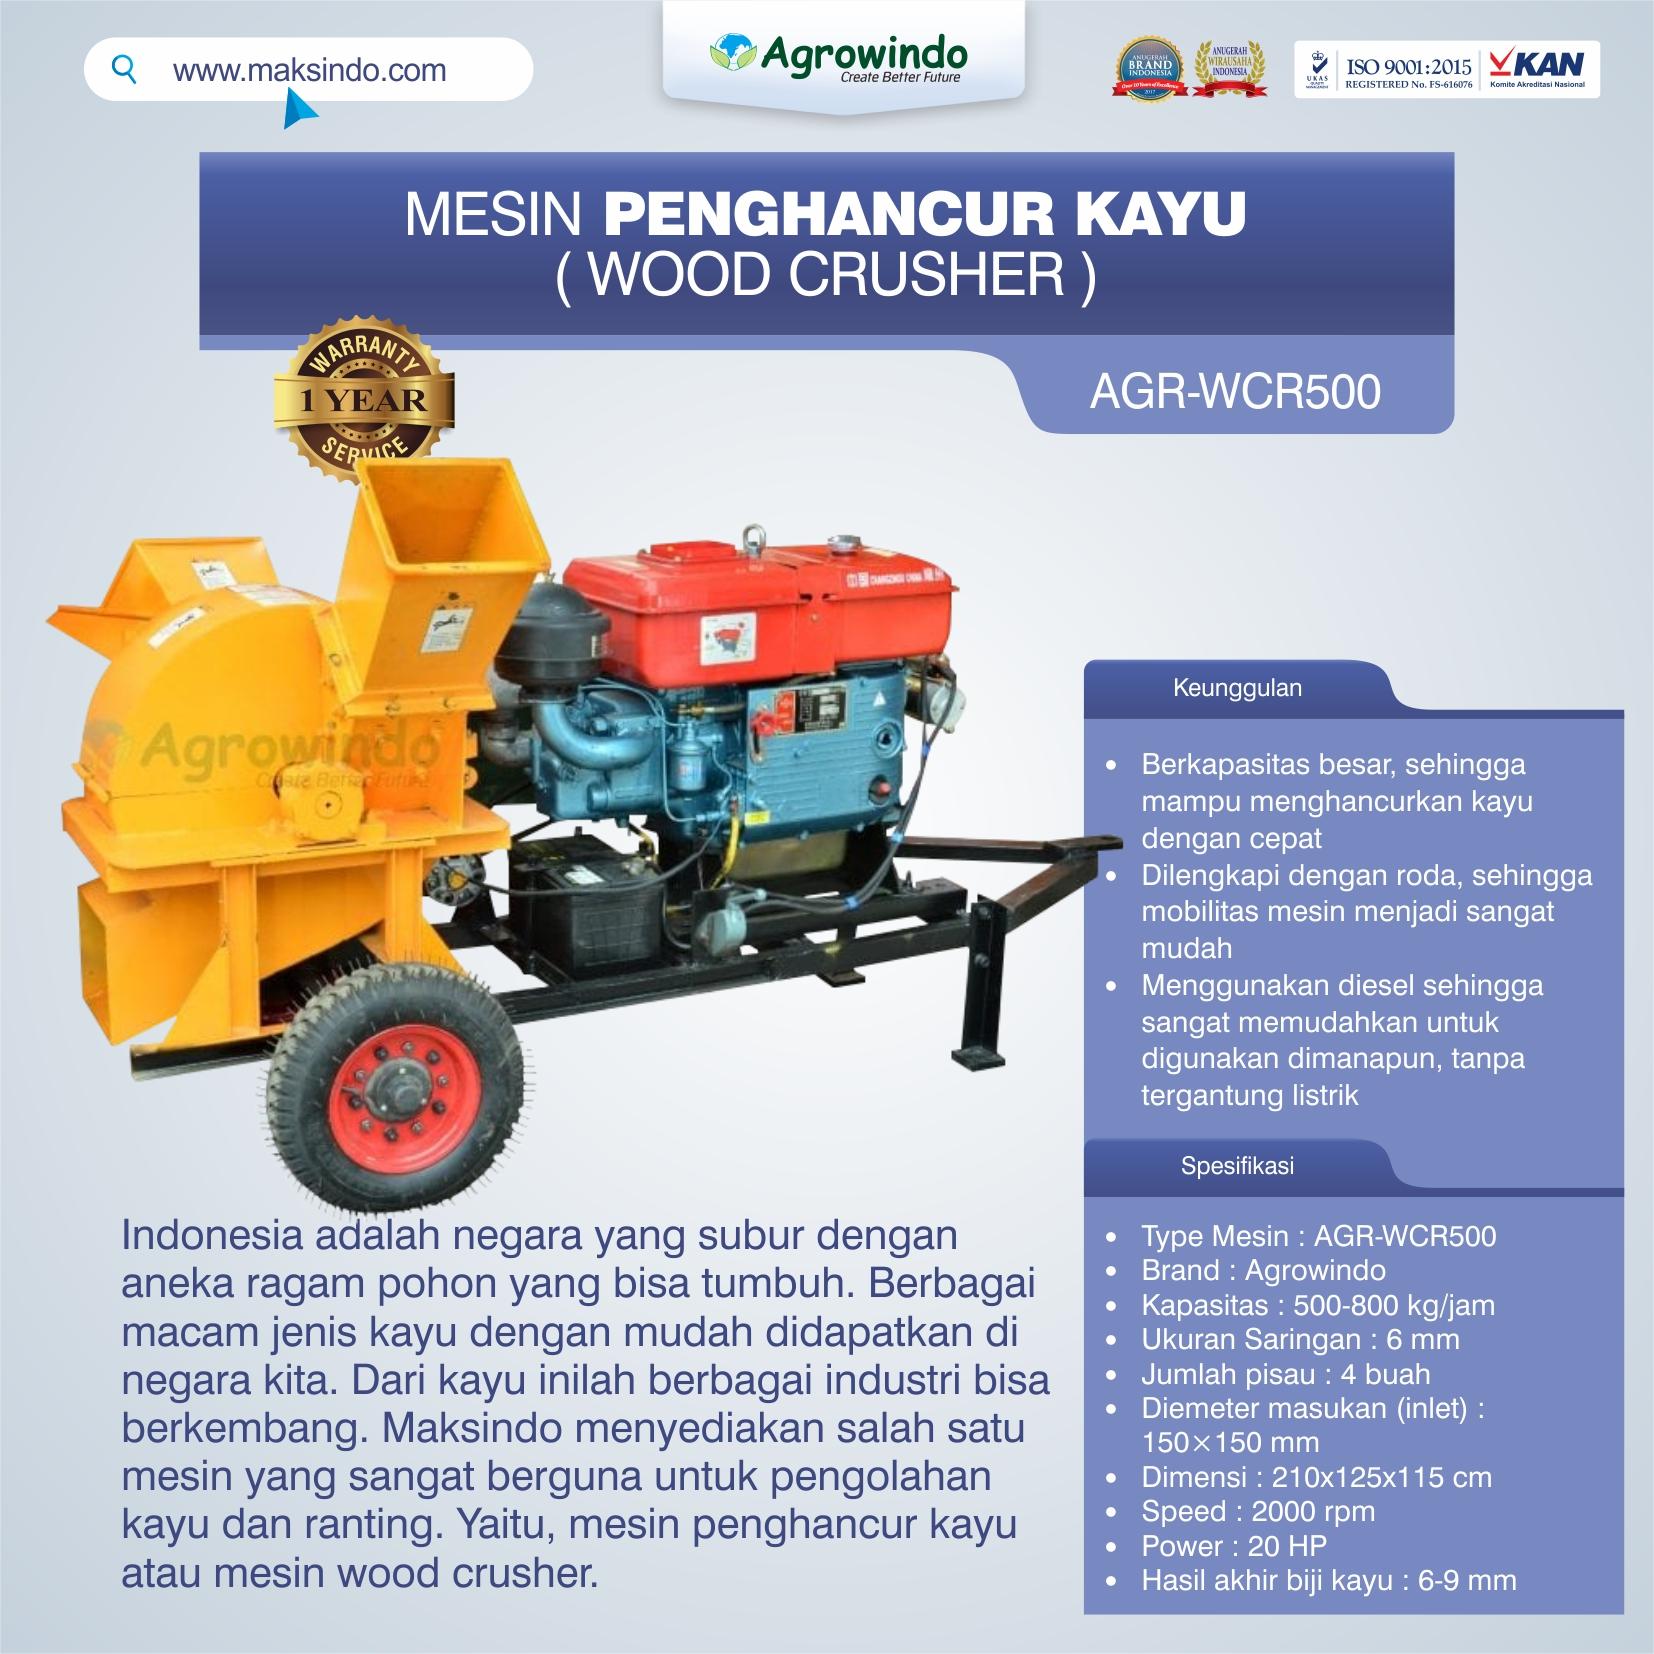 Jual Mesin Penghancur Kayu (wood crusher) AGR-WCR500 di Bekasi